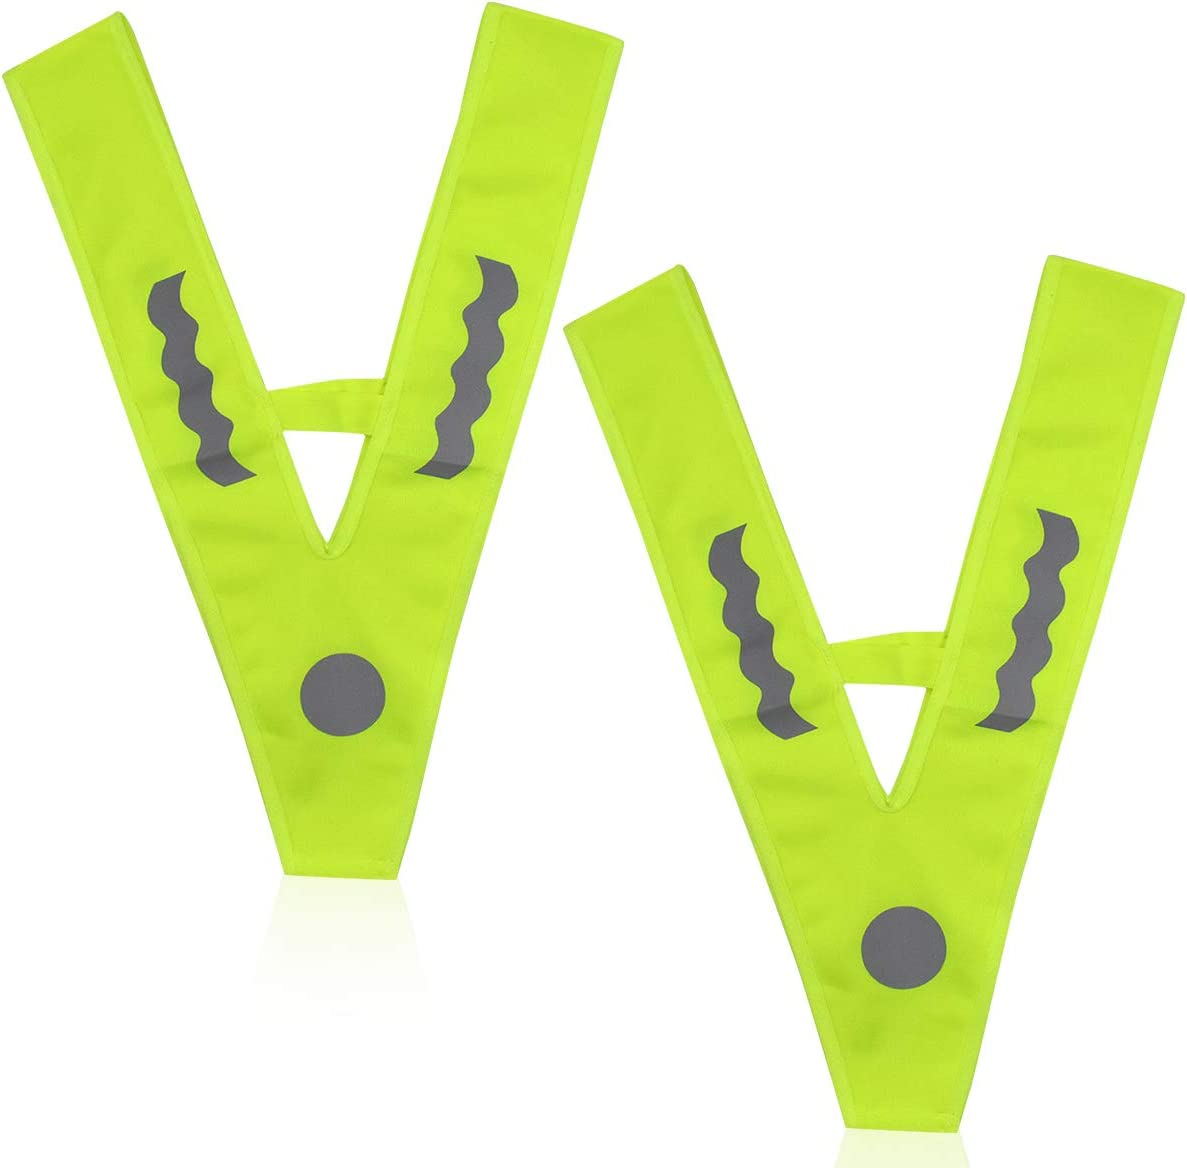 Chaleco de Seguridad para ni/ños Netspower Chaleco de Seguridad Chalecos Reflectantes 2 Piezas de Collar con se/ñal en Forma de V Collar de Seguridad Chaleco Antideslizante Collar Reflectante